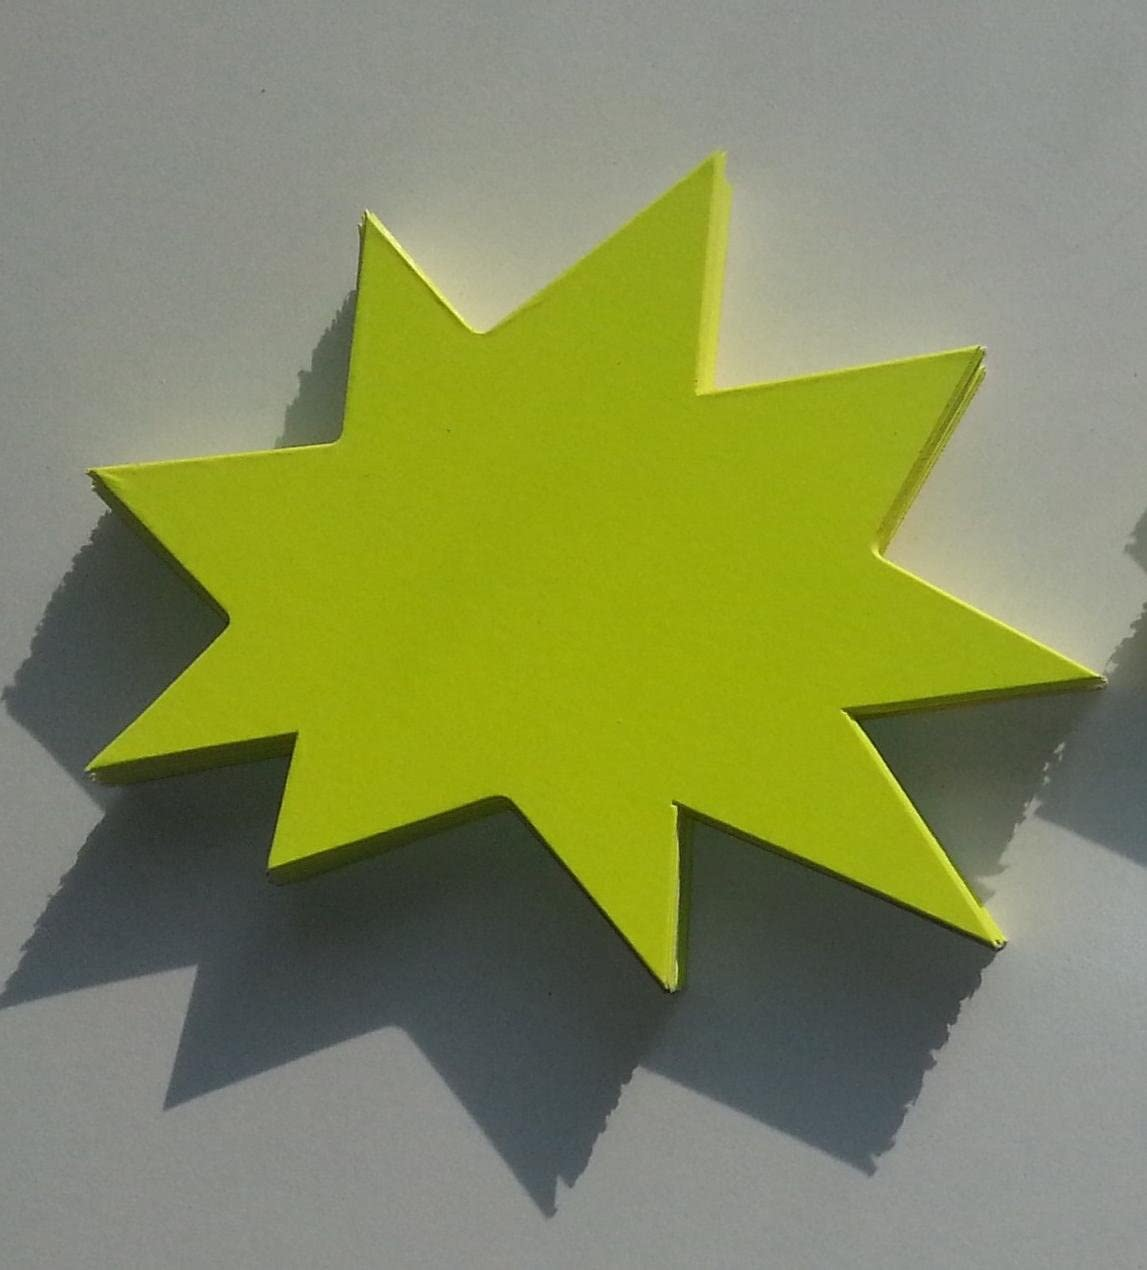 50 Recktecht Preisschilder aus Karton zitronengelb 7,5 x 10,5 cm 380g//qm Werbesymbole f/ür R/äumungsverkauf Sterne